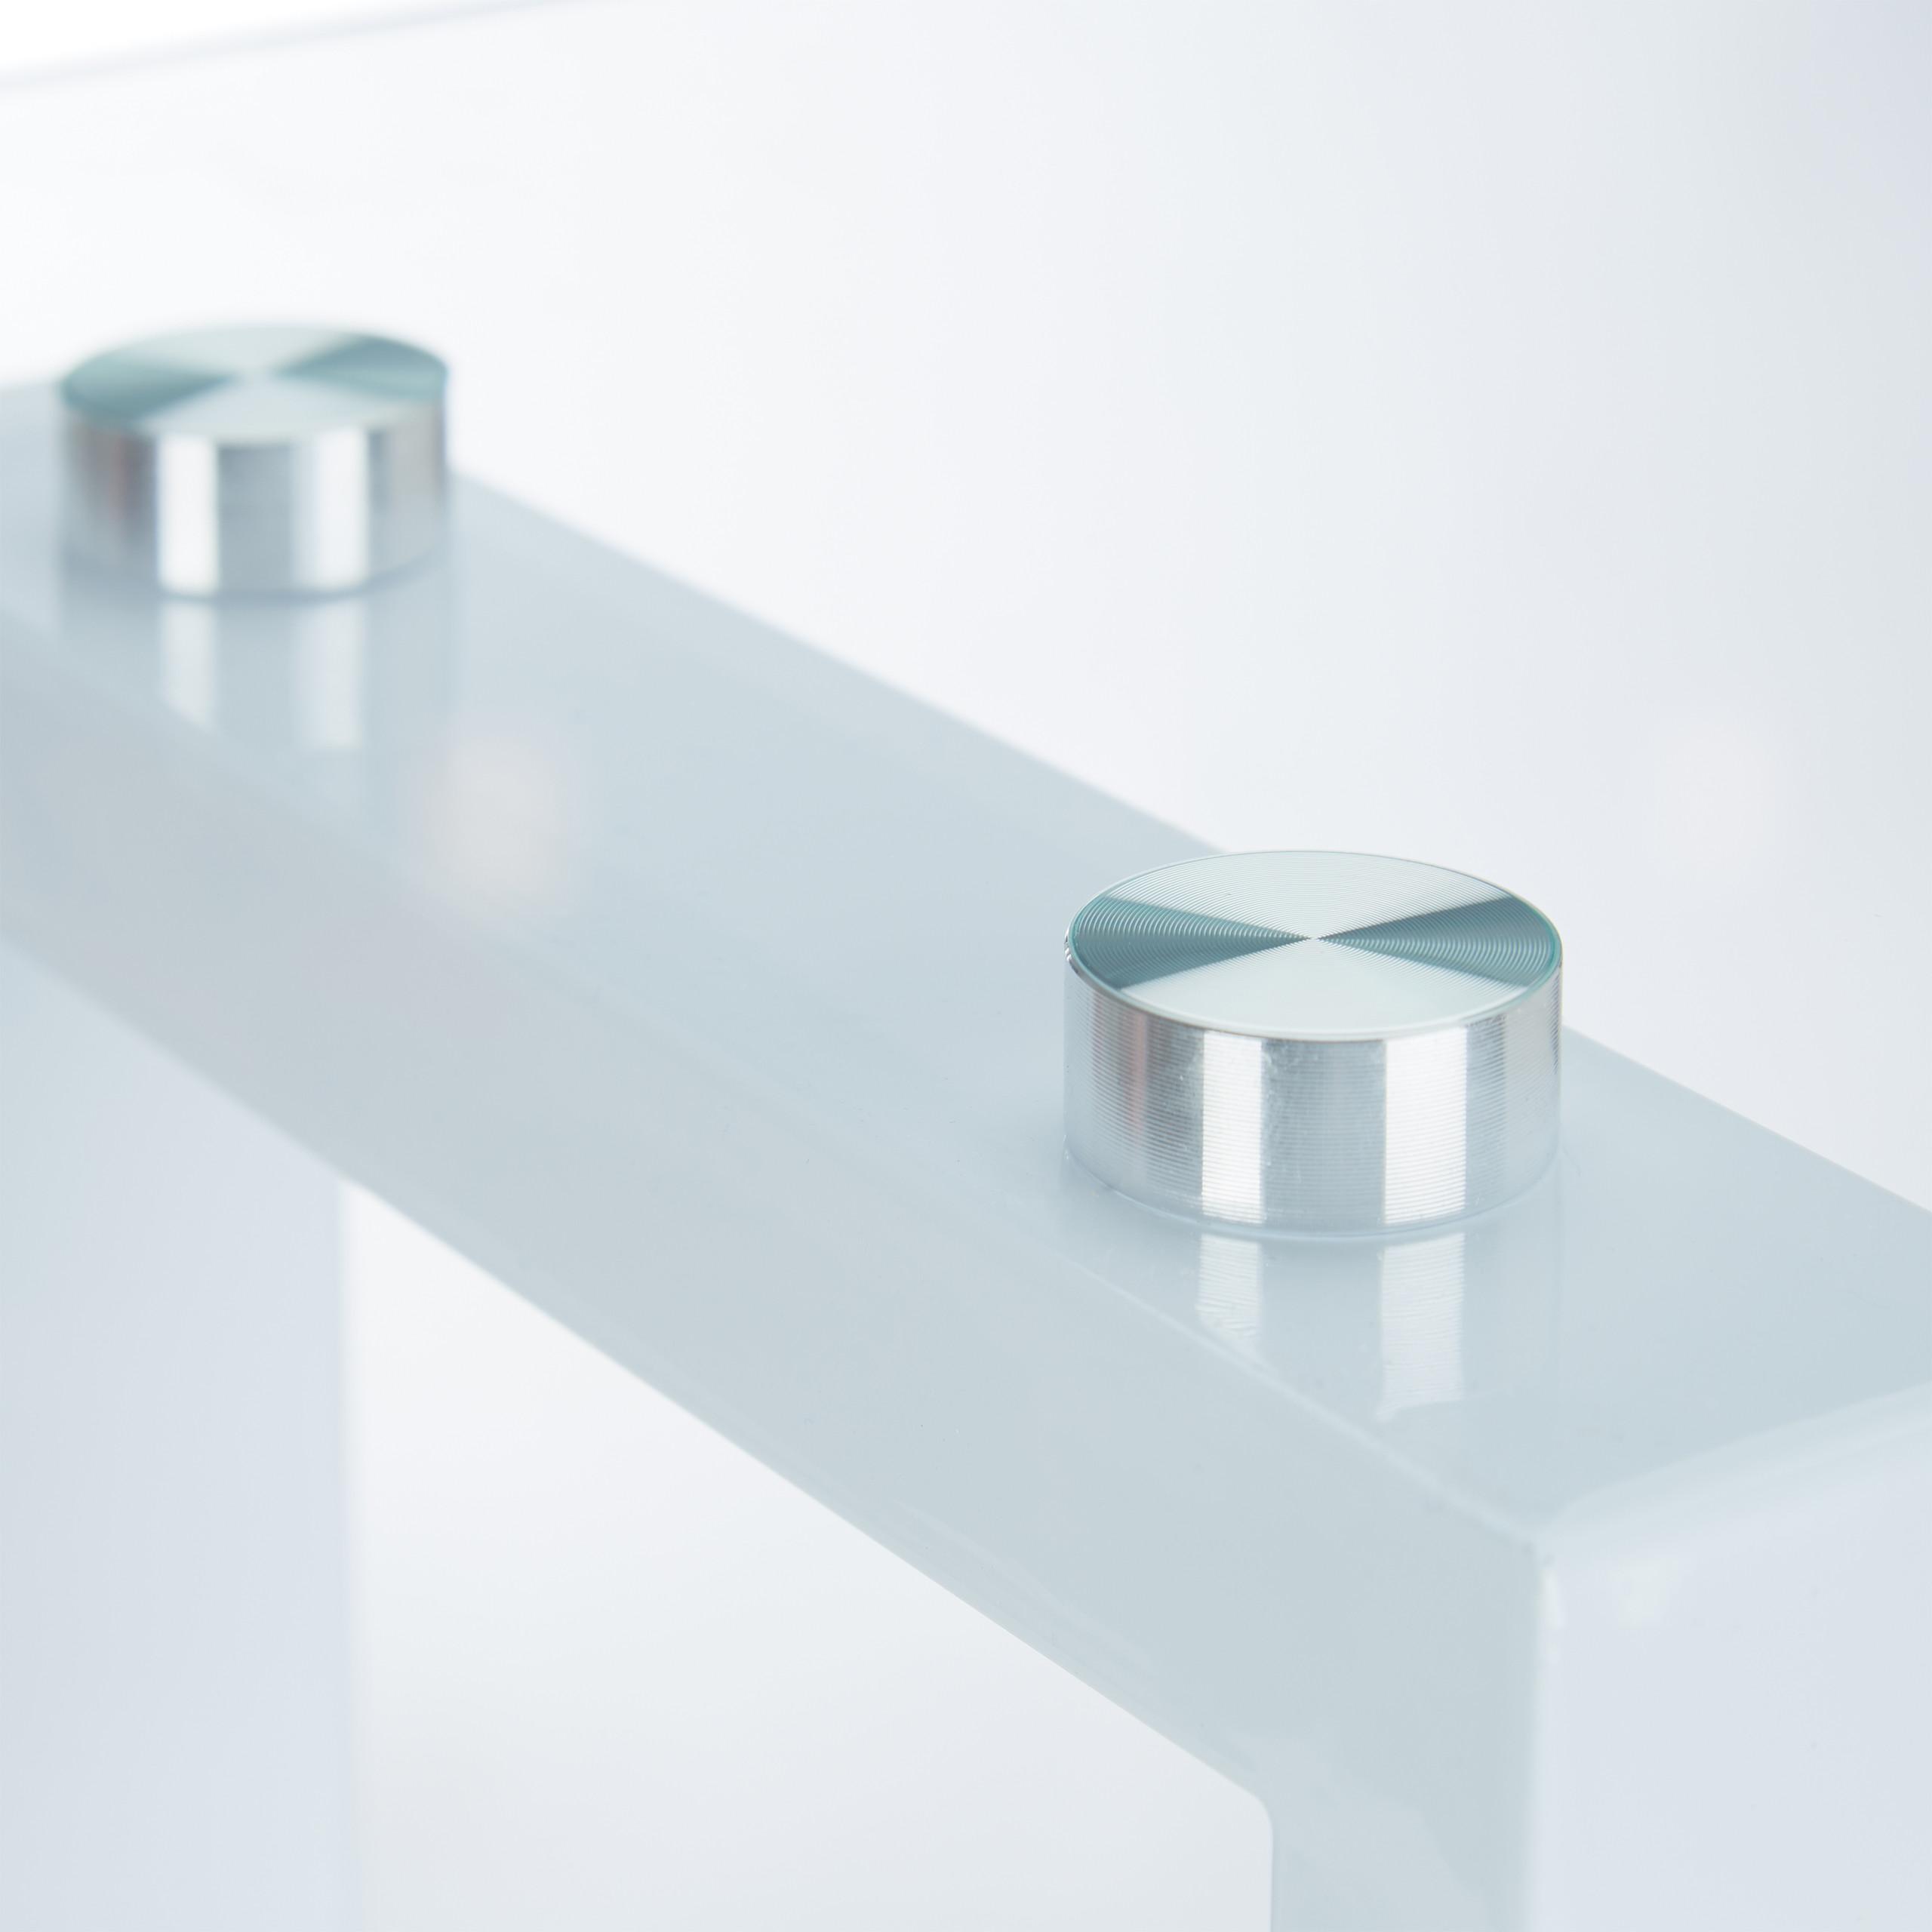 Details Zu Beistelltisch Glas Wohnzimmertisch Stahl Couchtisch Abstelltisch Nachttisch Weiss